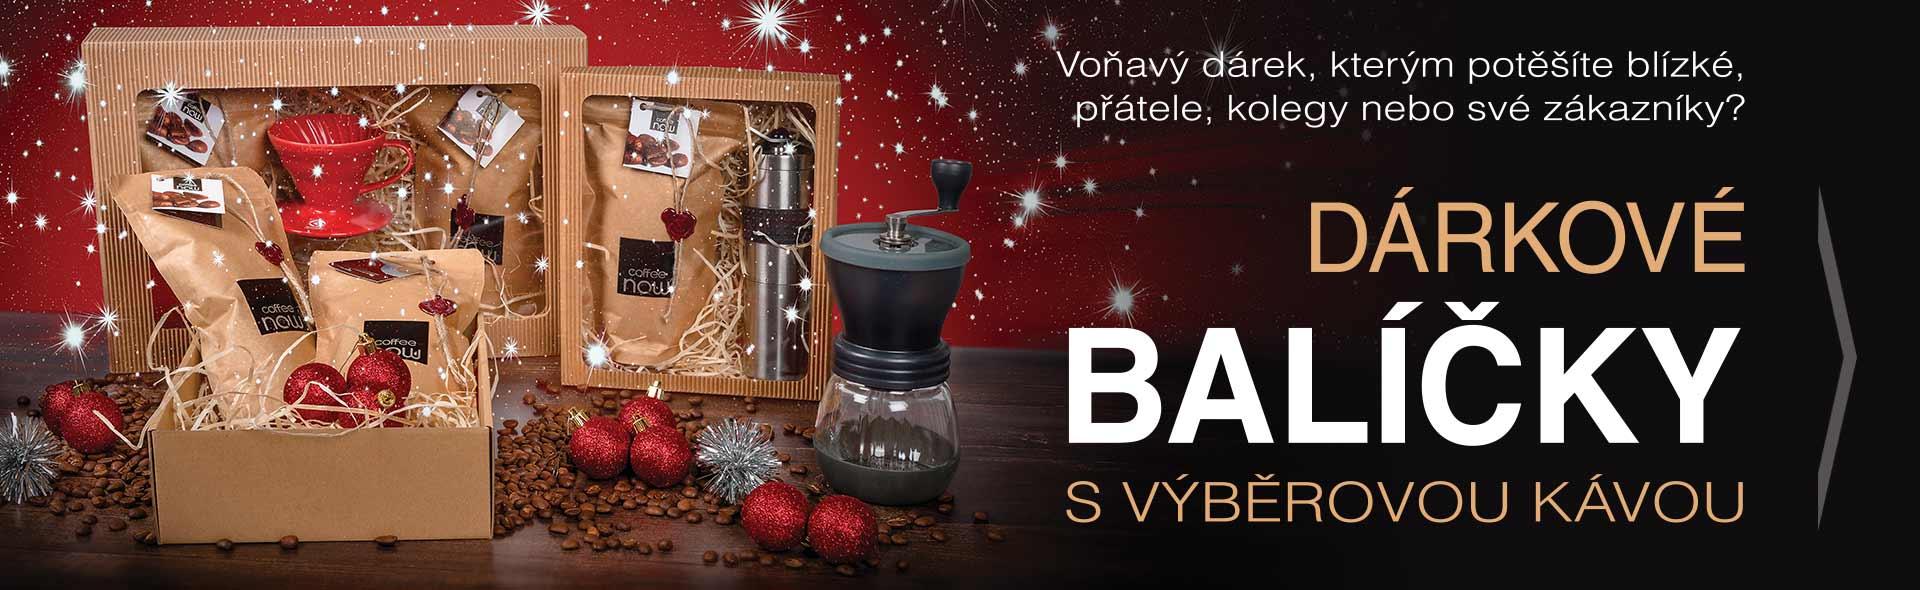 Dárkové balíčky s naší čerstvě praženou kávou a kávovým příslušenstvím nejen na Vánoce